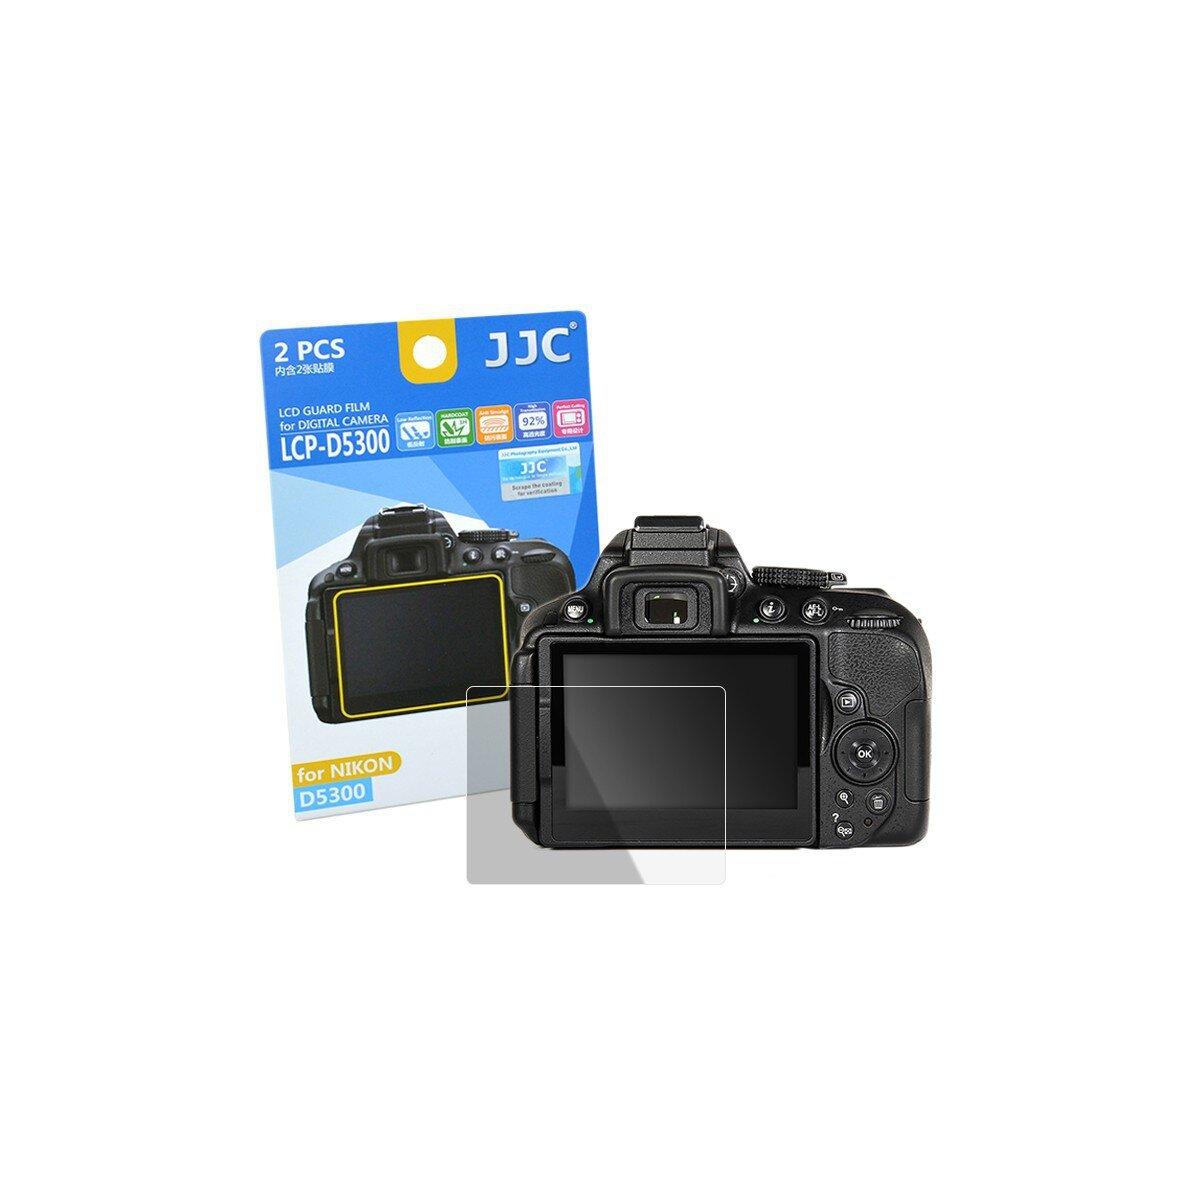 JJC Displayschutzfolie Screen Protector Kratzschutz passgenau fuer Nikon D5300 - LCP-D5300